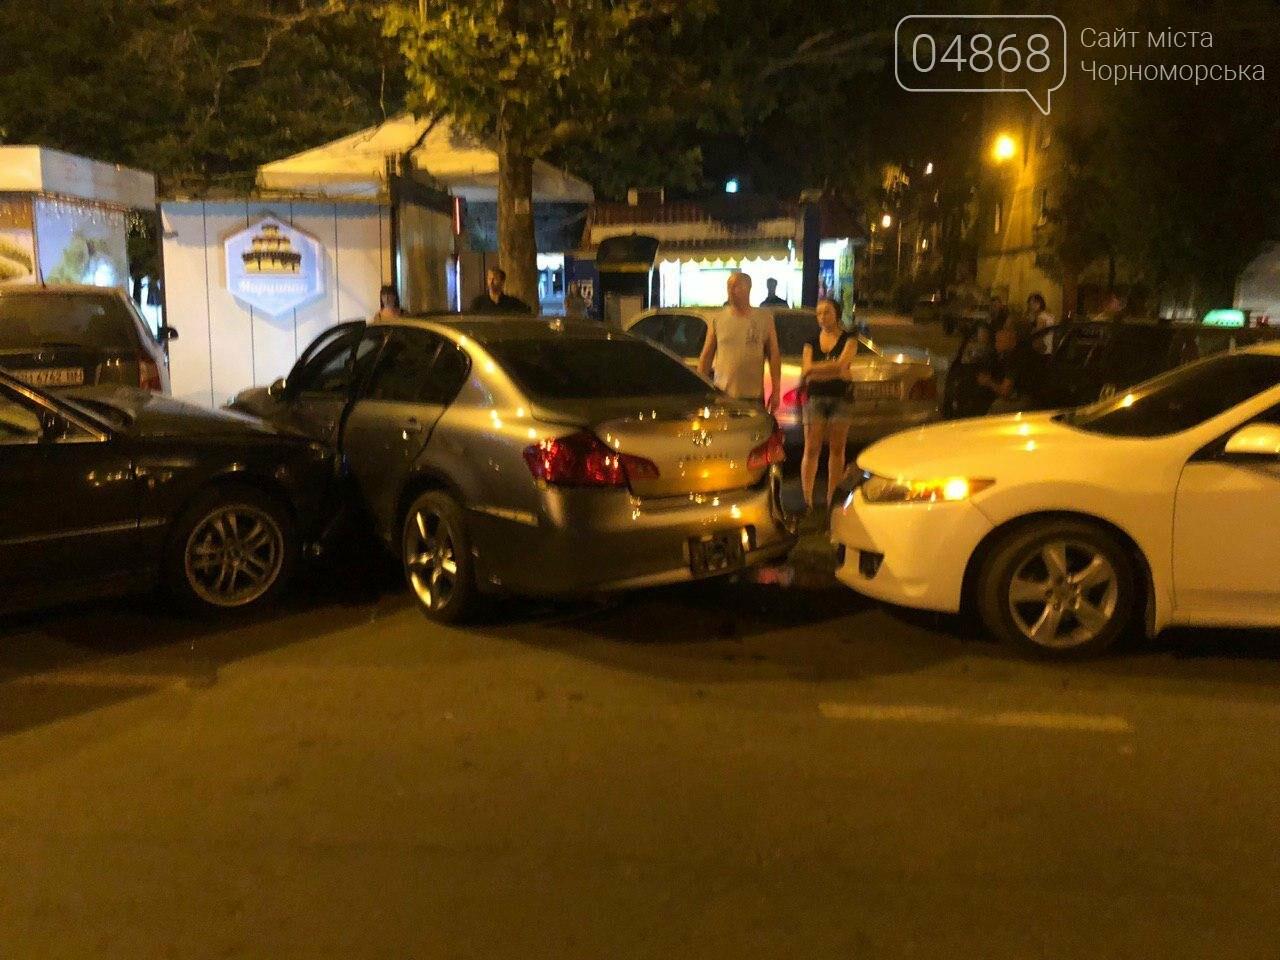 Audi протаранил три машины: ночное ДТП в Черноморске, фото-4